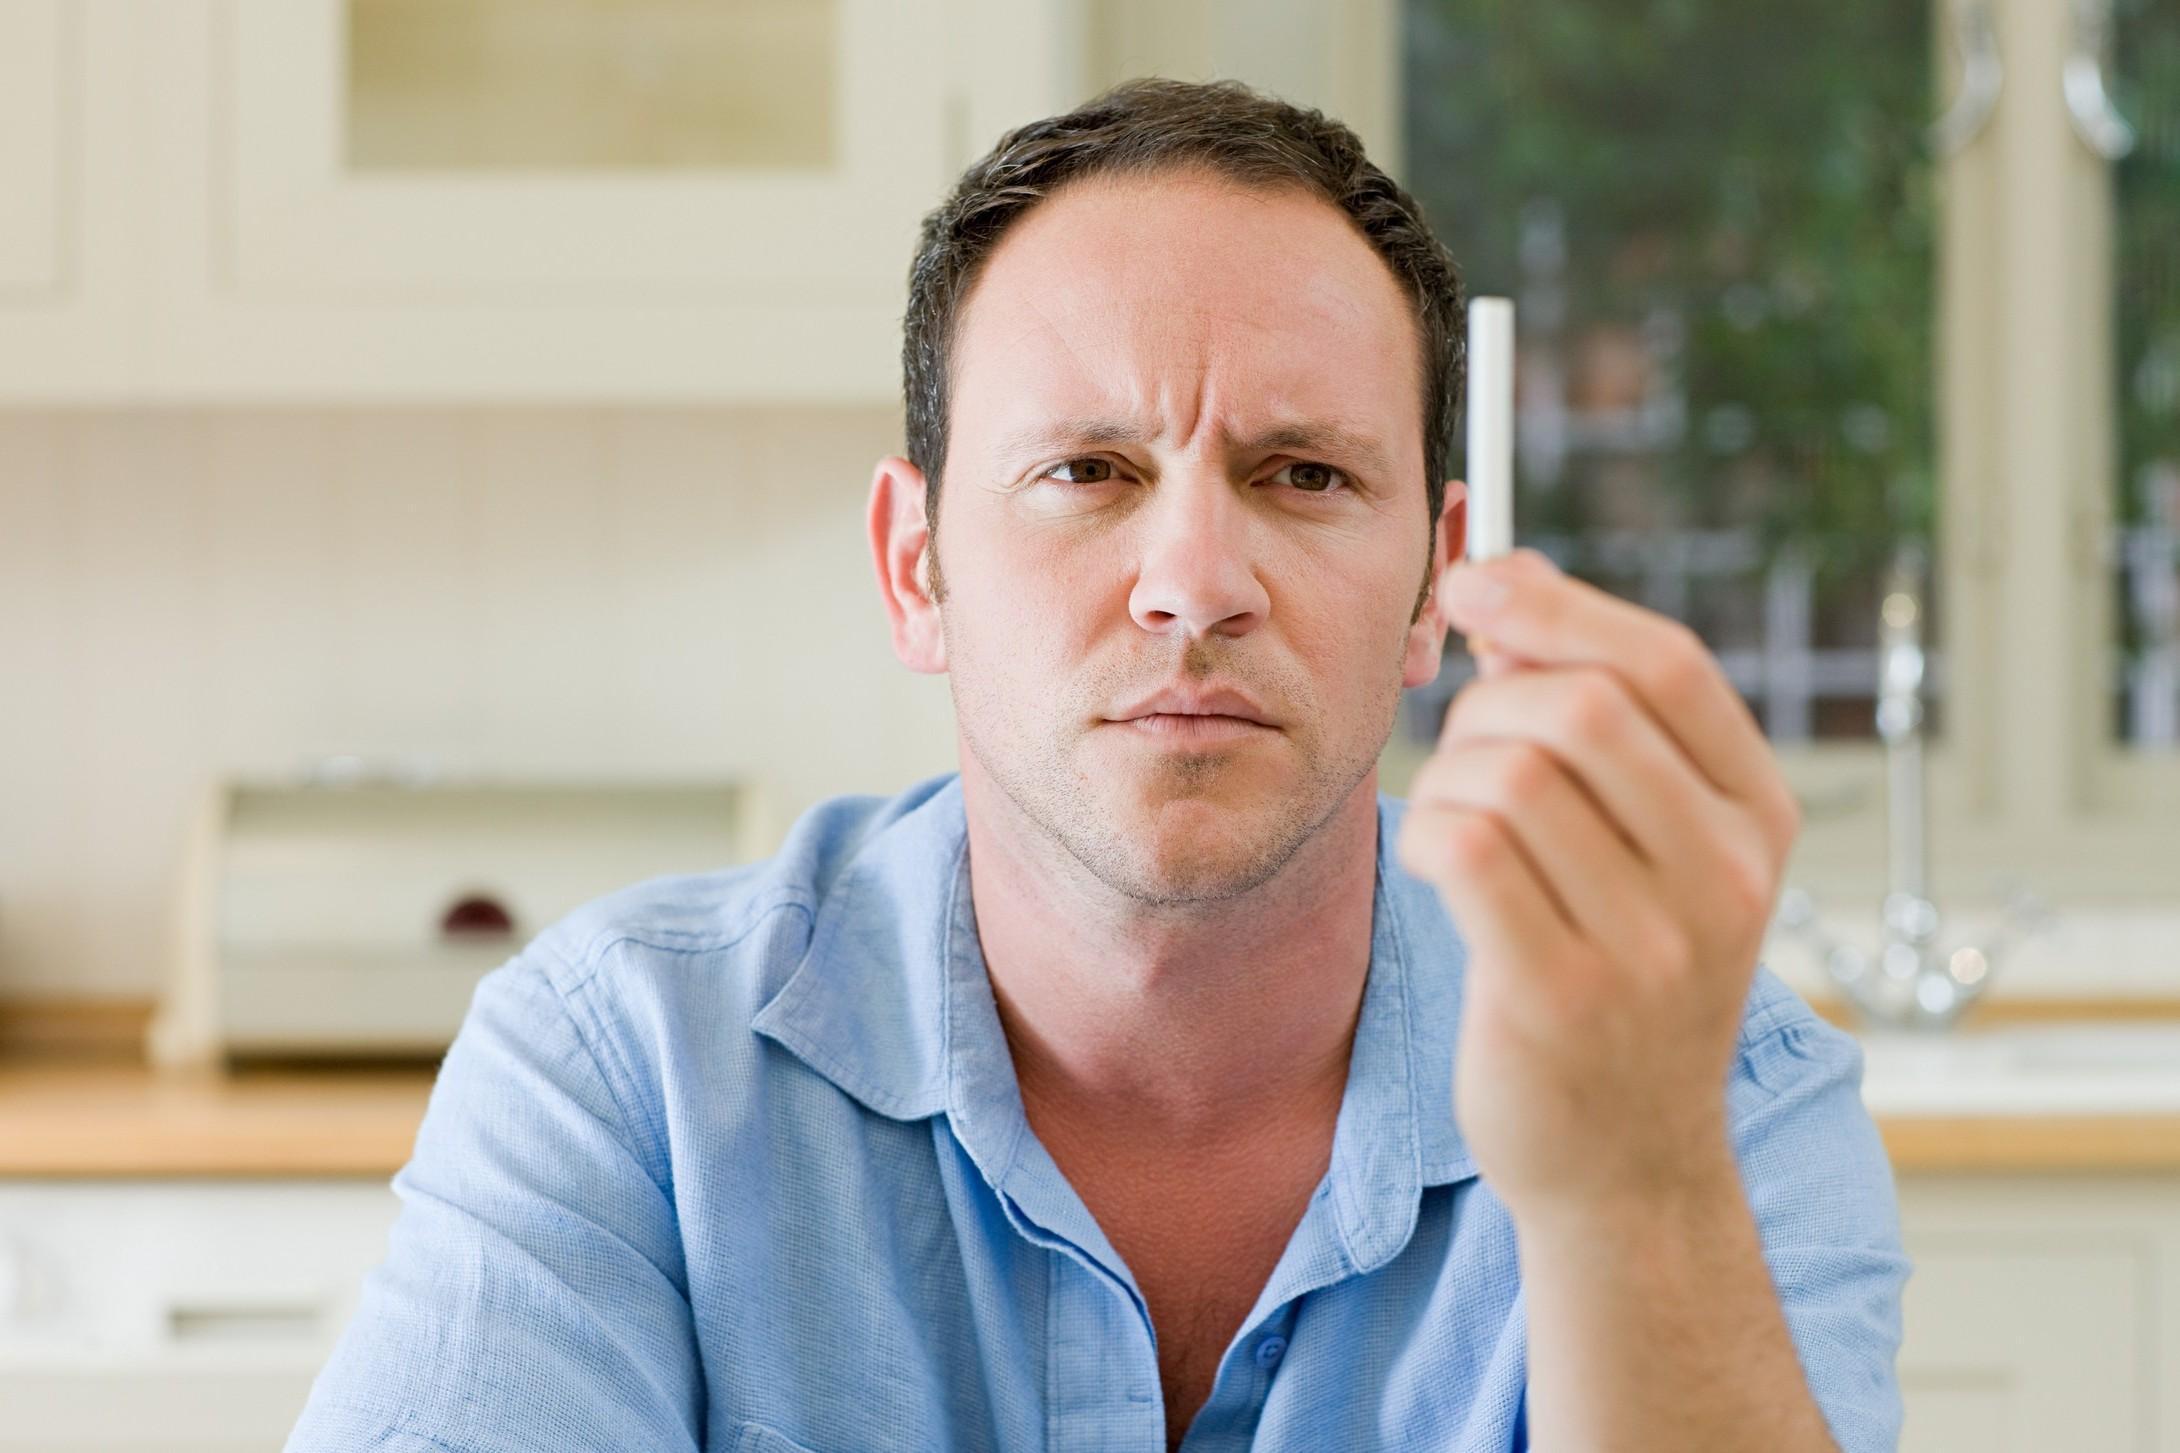 Tabaco Provoca Calvície nos Homens